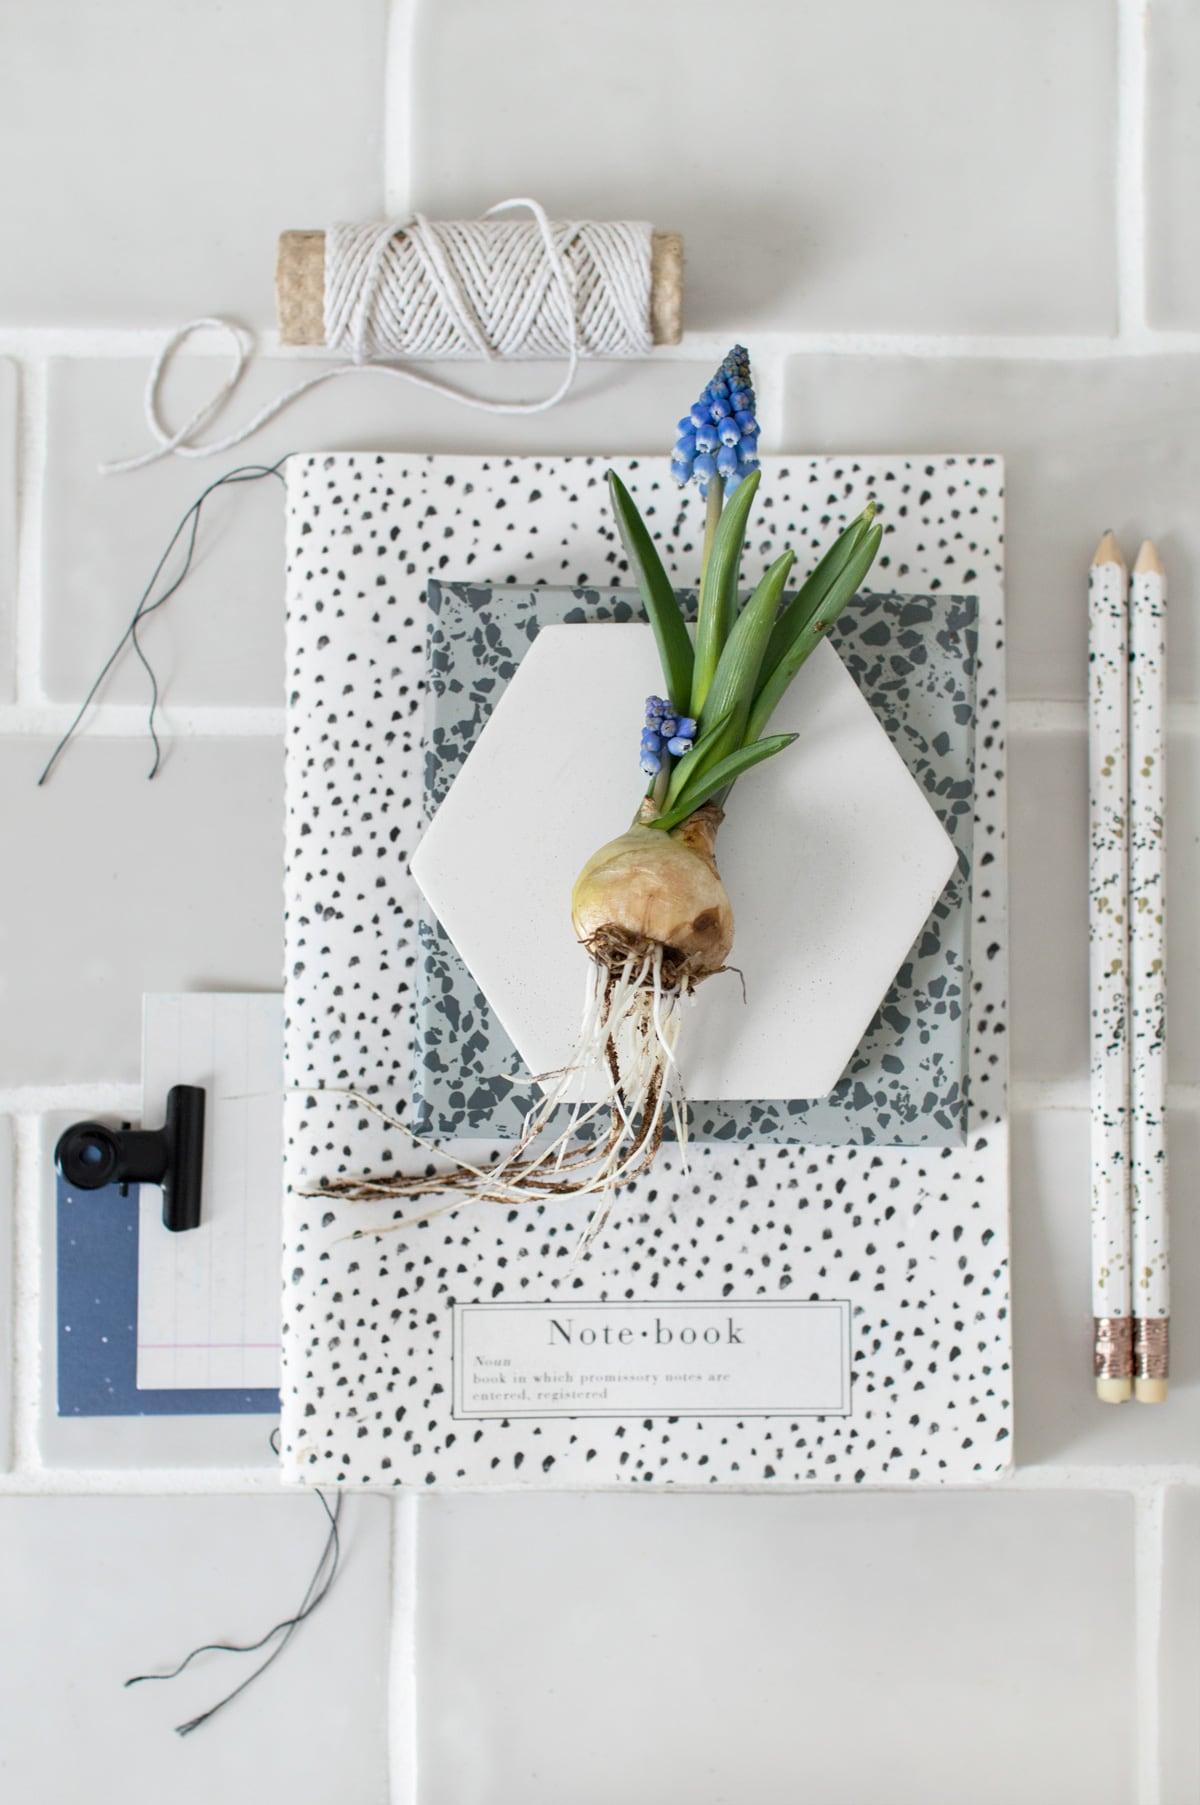 Bloembollen lente - Tanja van Hoogdalem